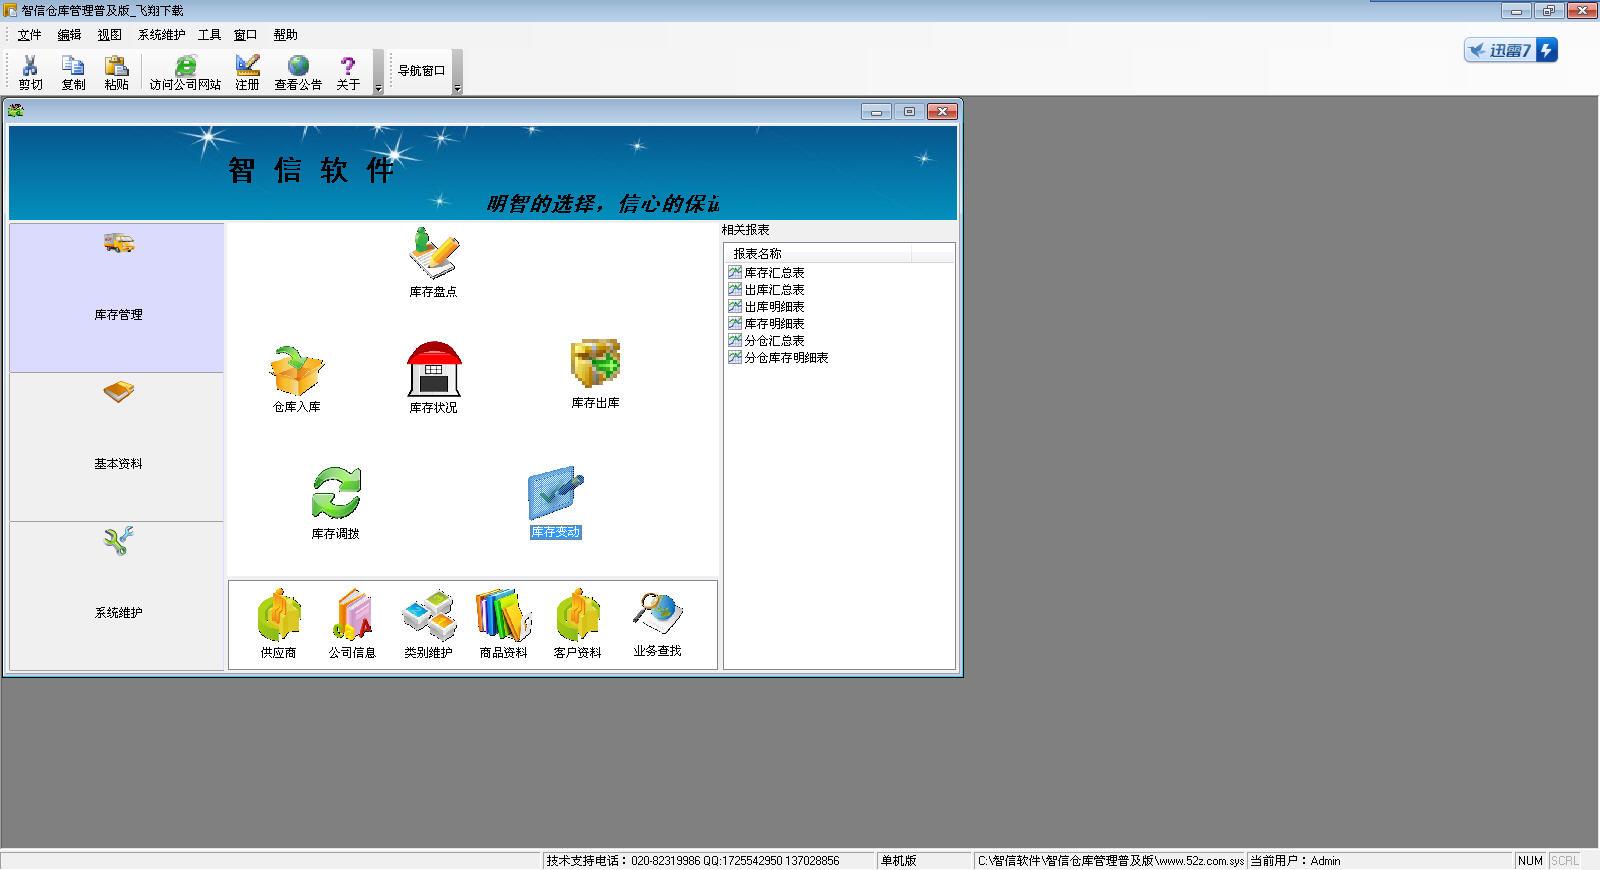 智信仓库管理软件V2.76 普及版